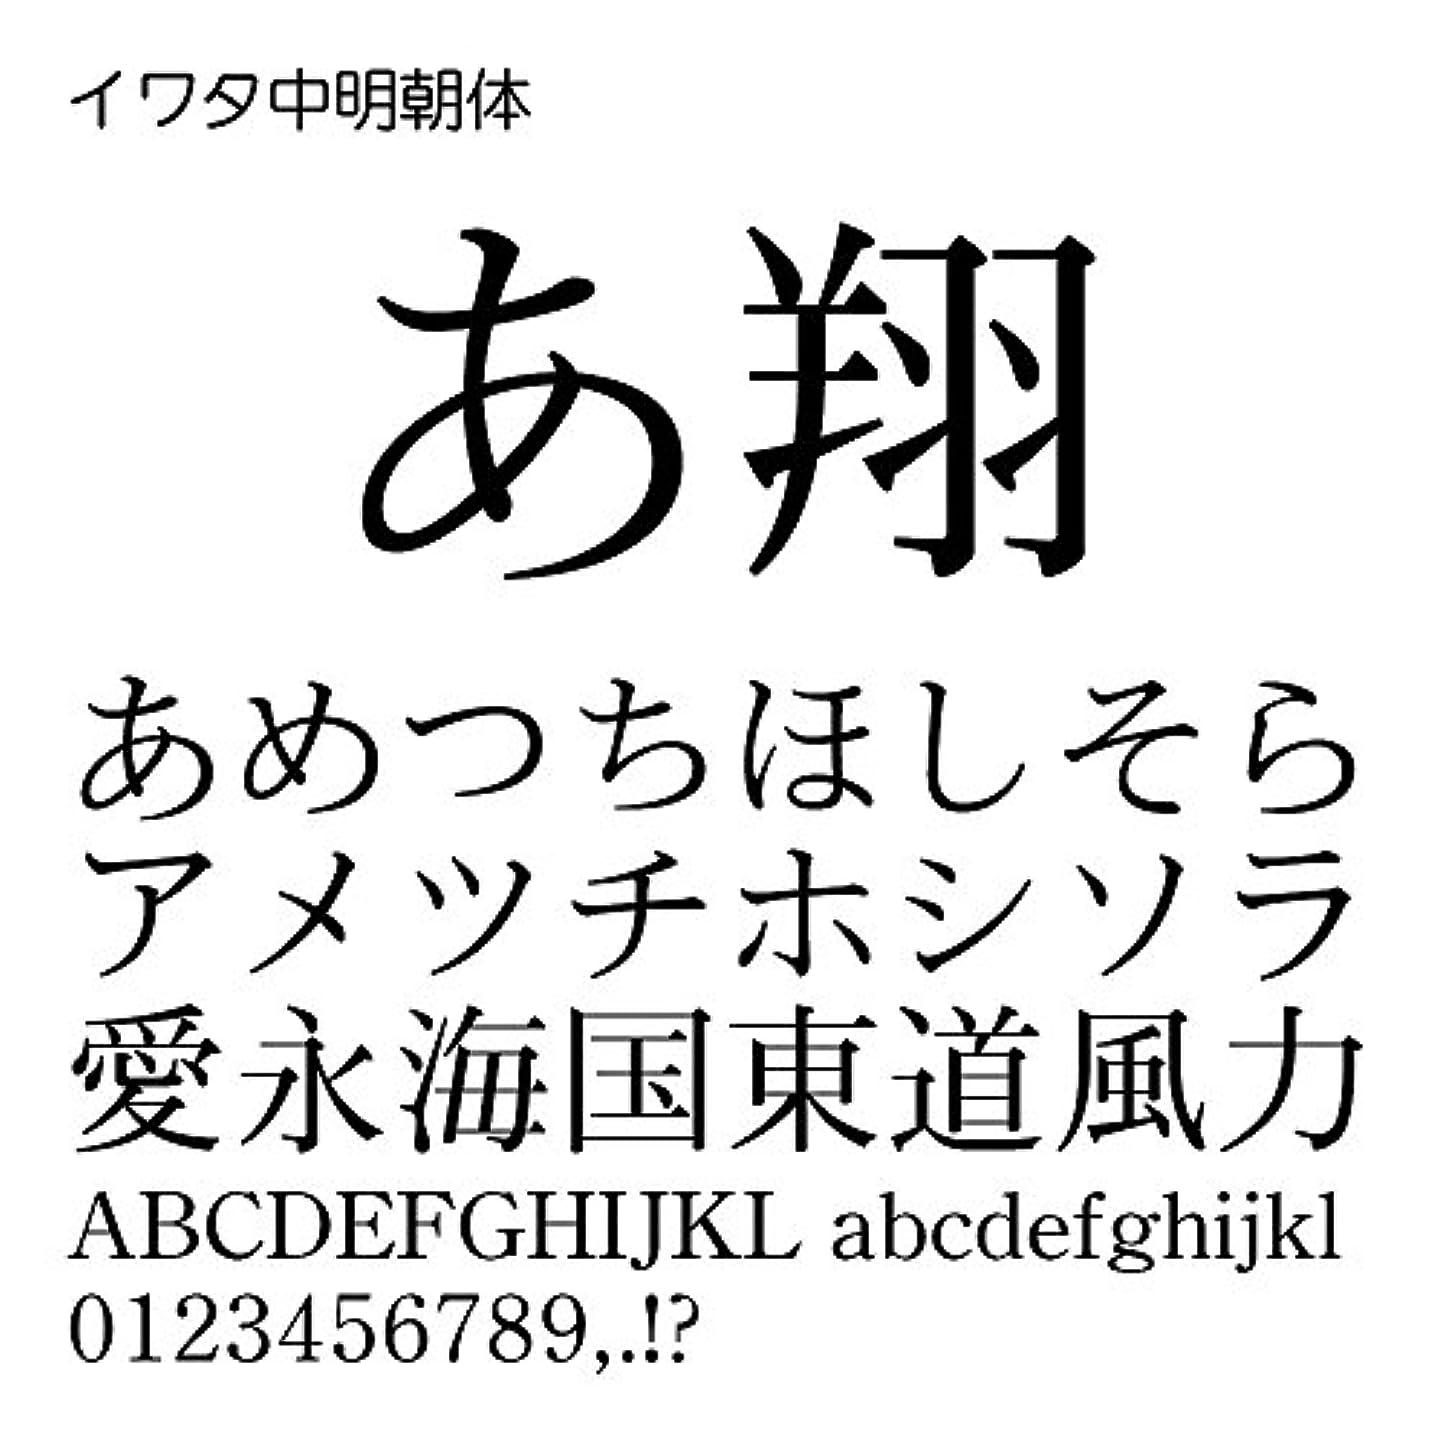 イワタ中明朝体 TrueType Font for Windows [ダウンロード]